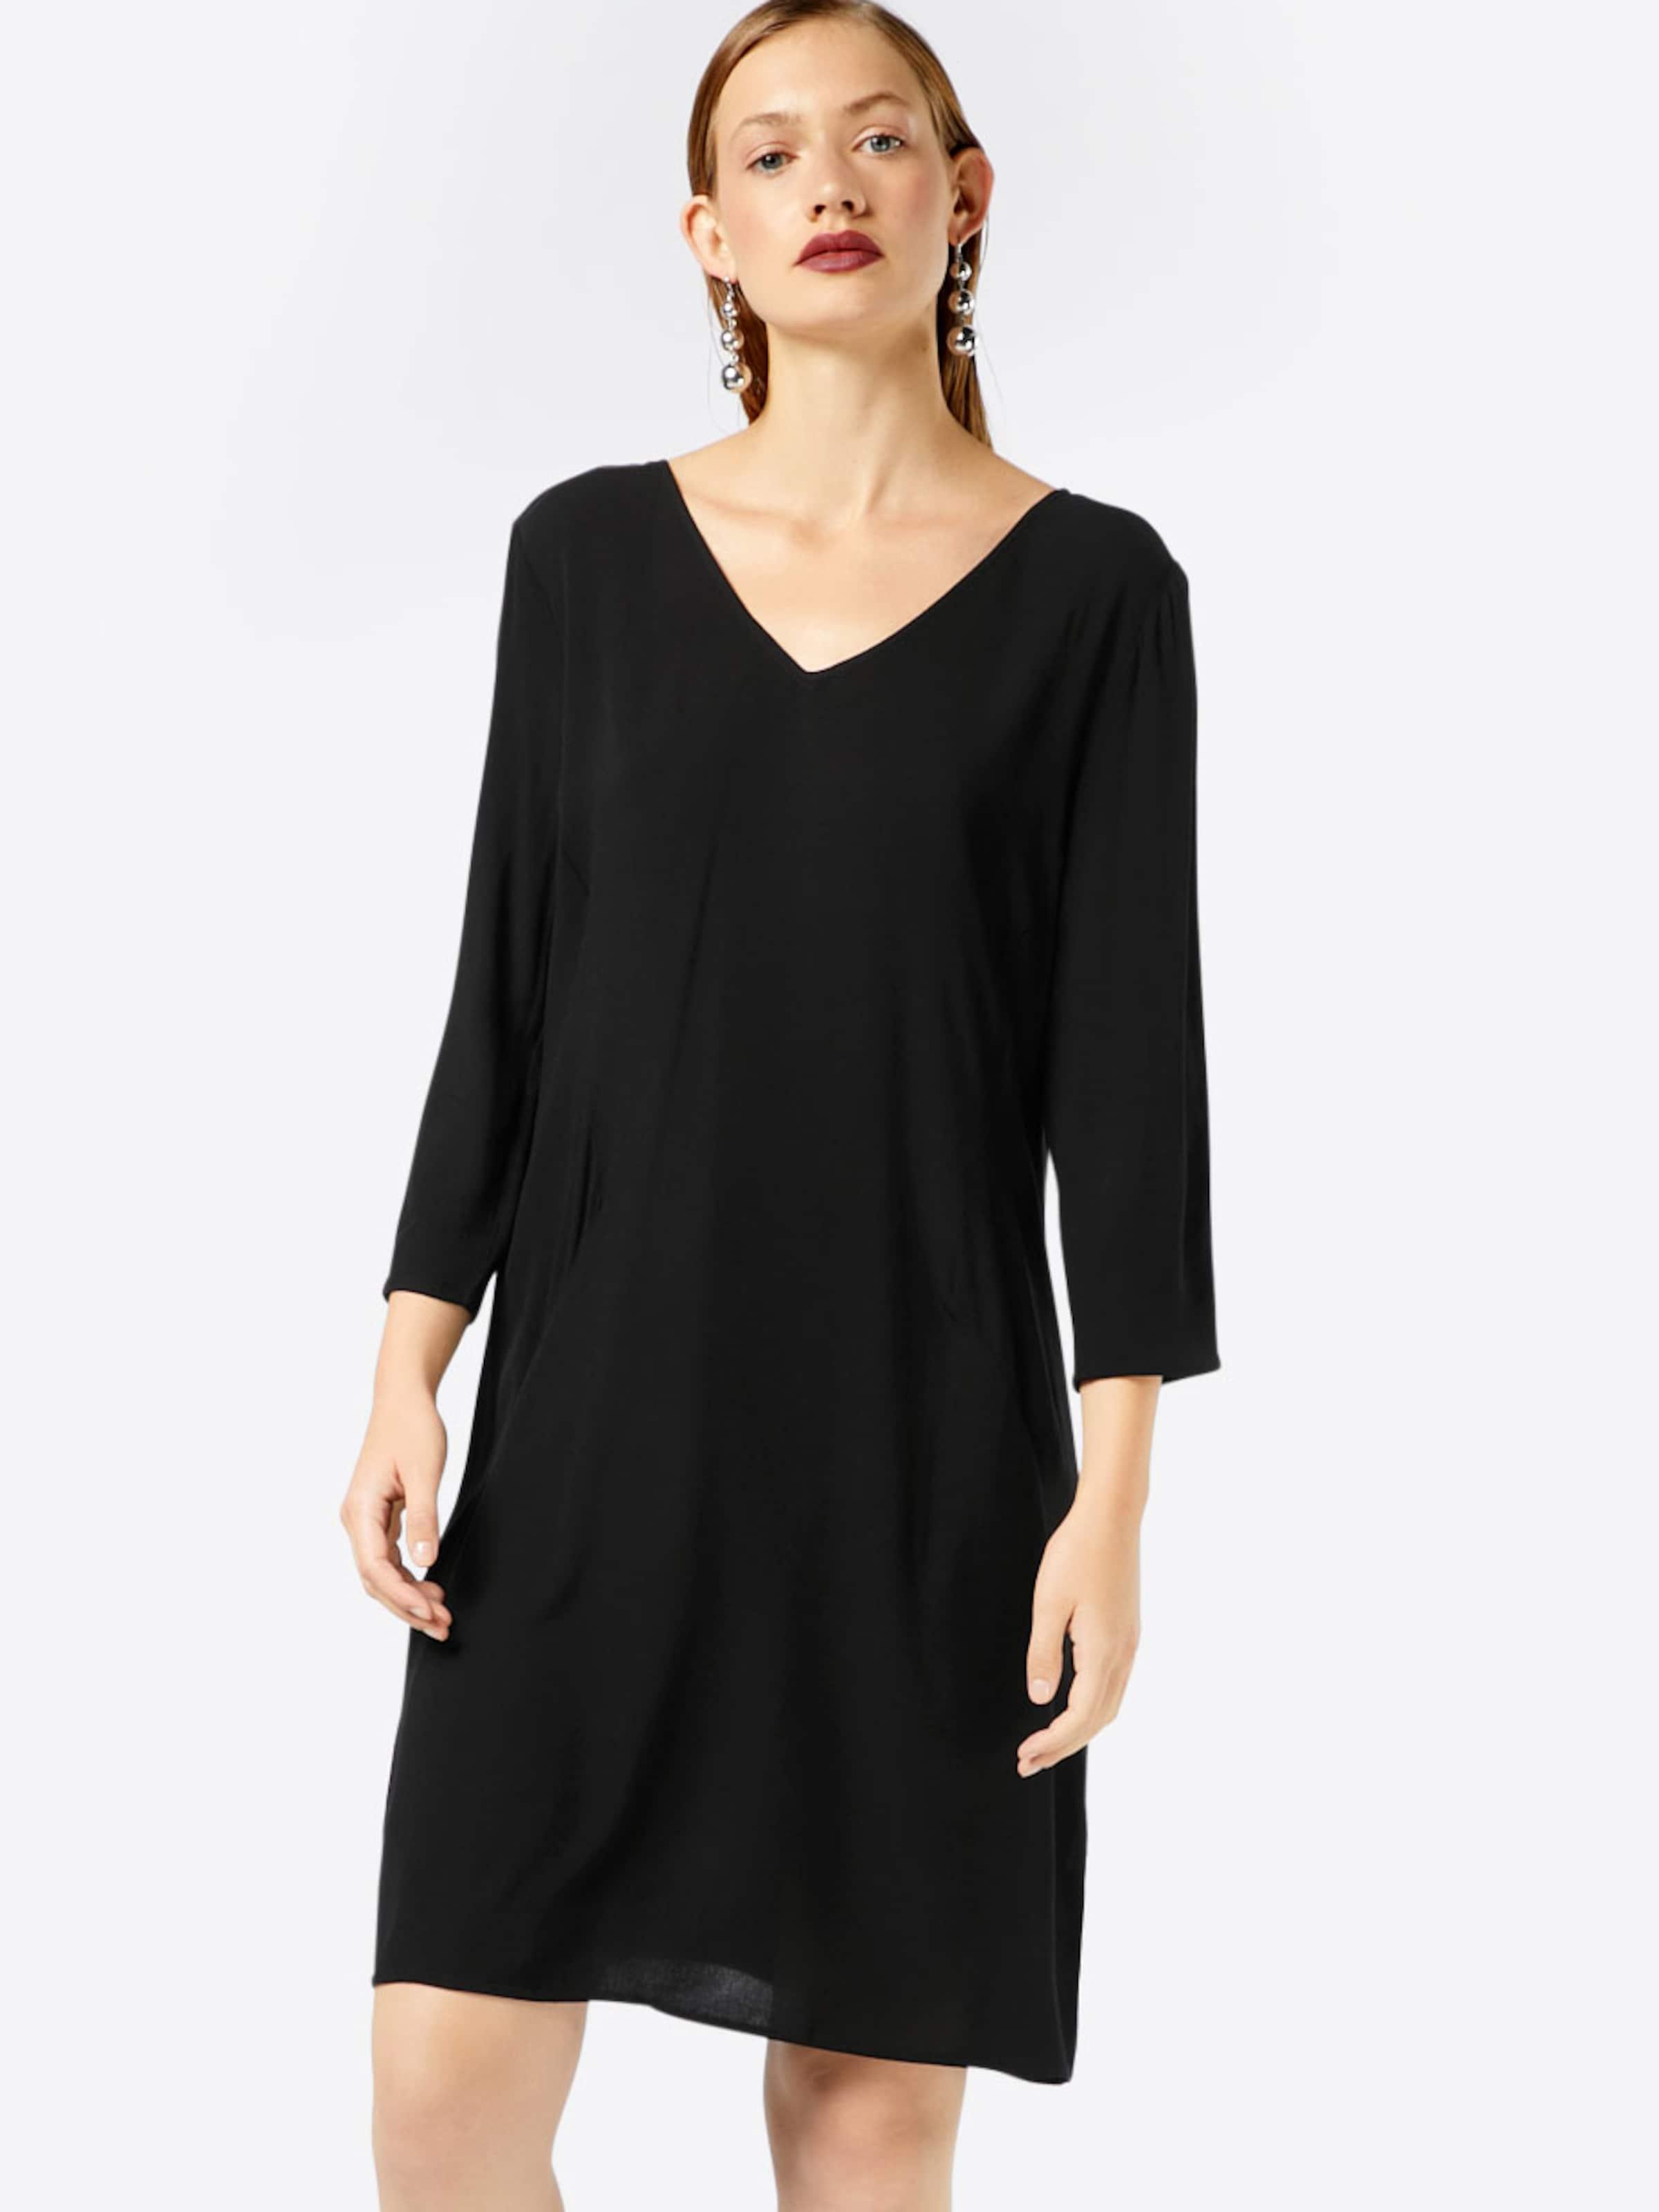 Bekommen Günstigen Preis Zu Kaufen VILA 'Vitilla' Kleid Begrenzt Erscheinungsdaten Authentisch Günstigstener Preis Günstiger Preis dmHN6p